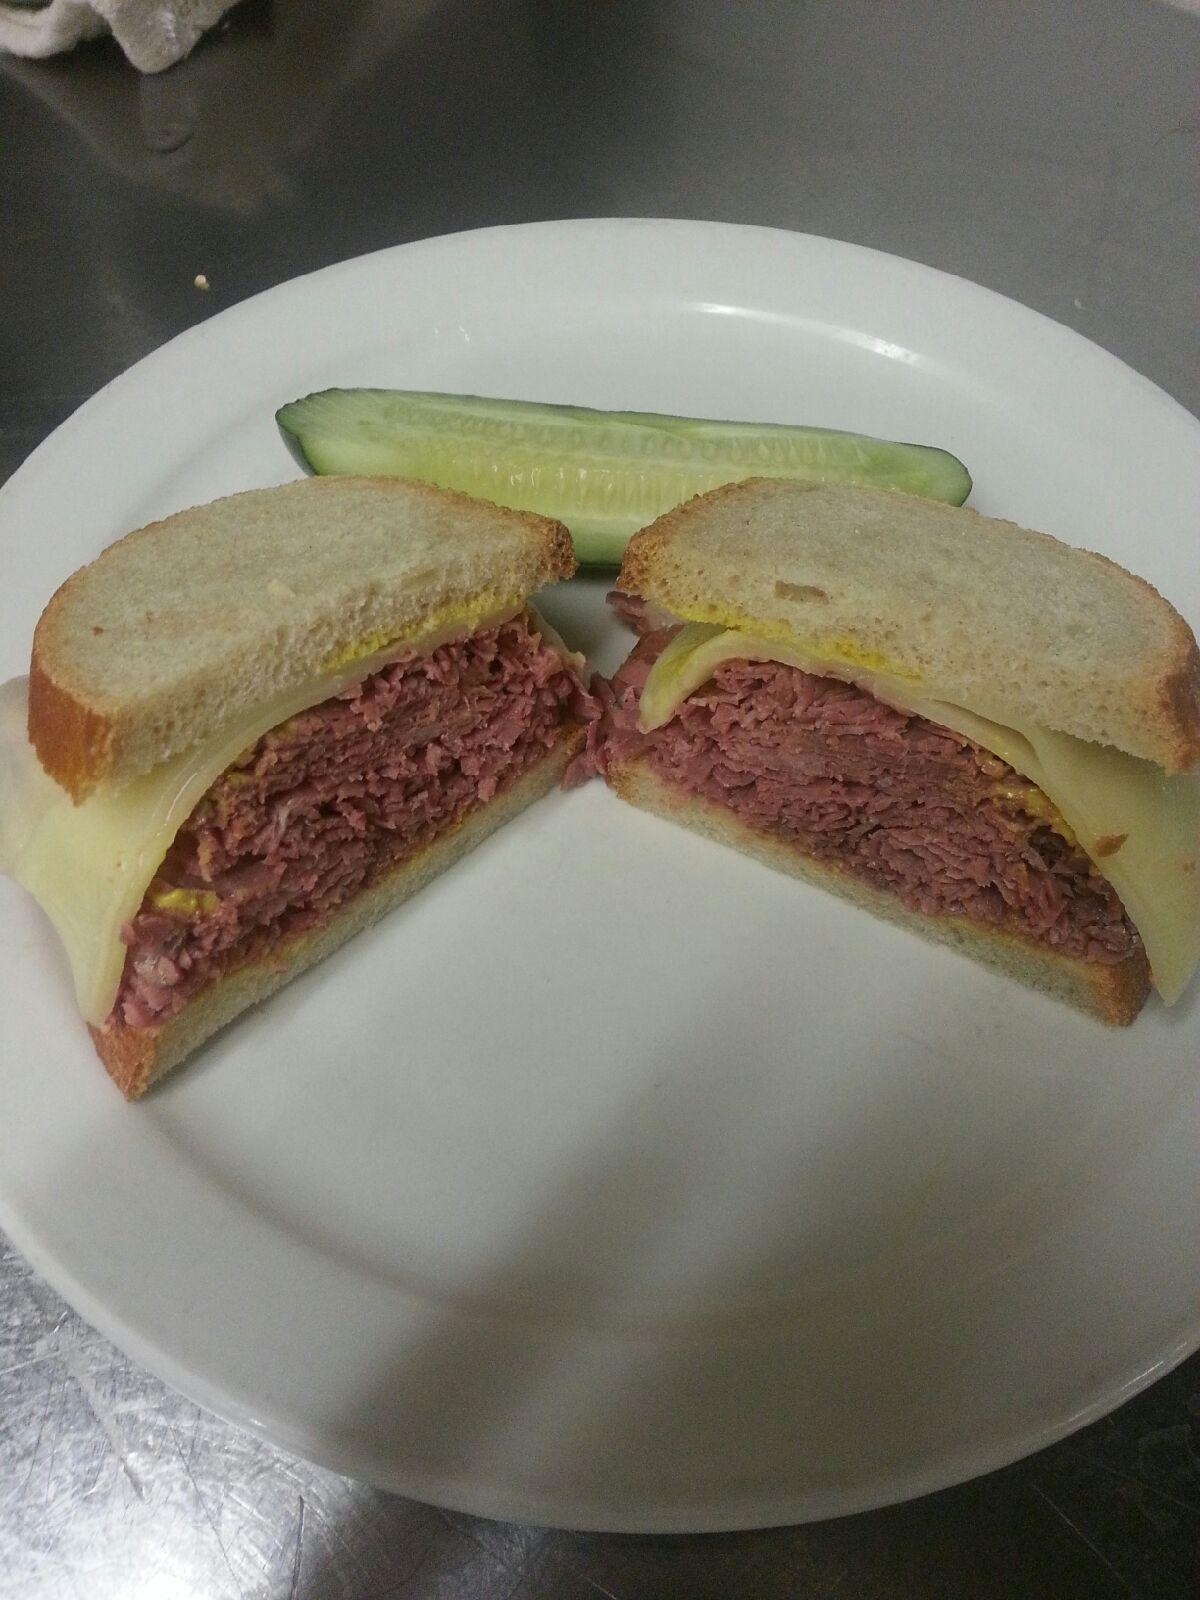 #1 1/2 Duane's Corned Beef